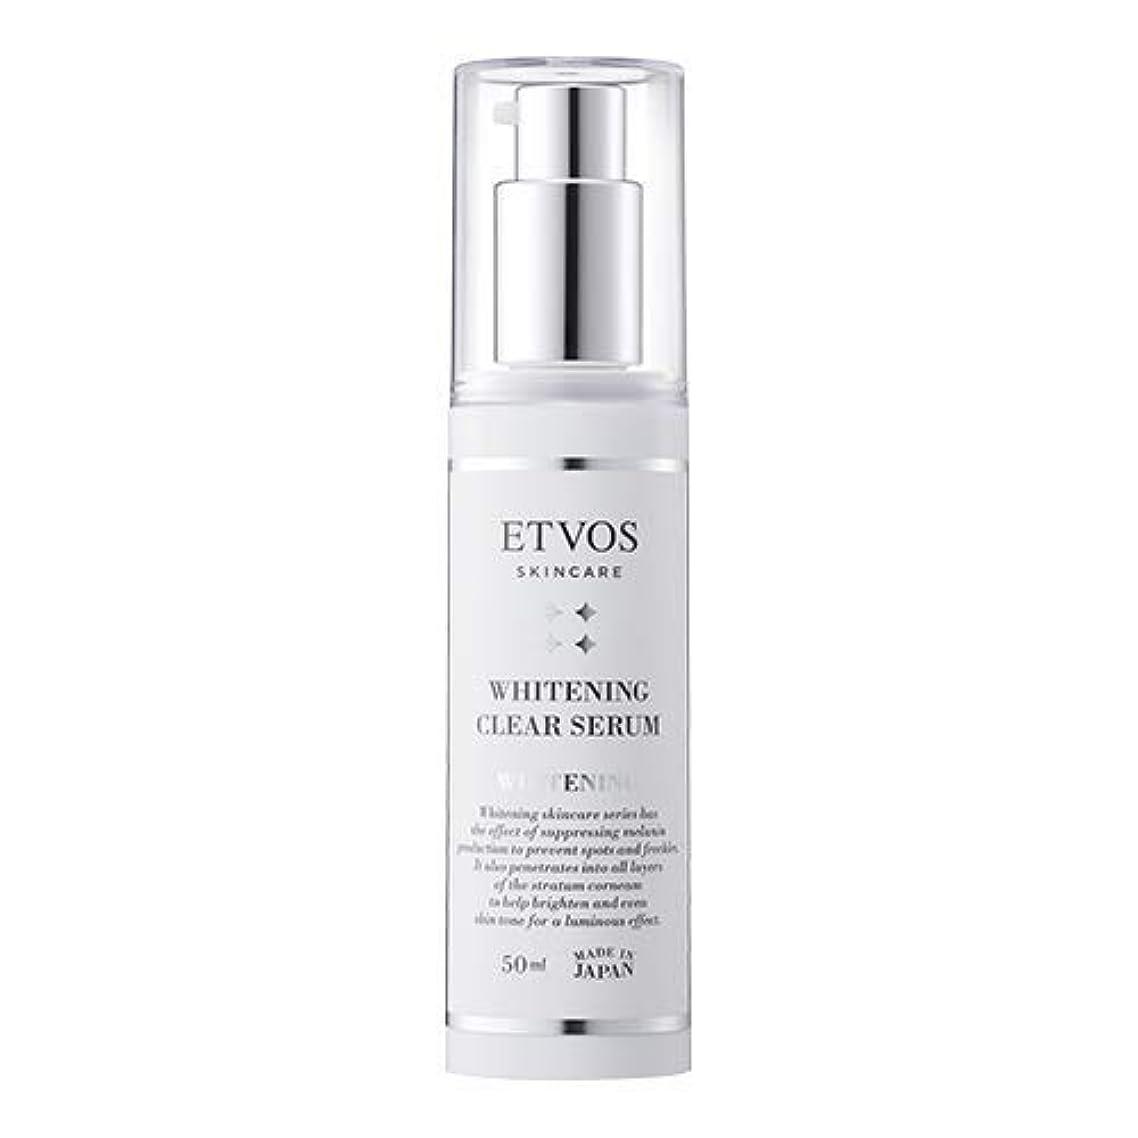 セマフォ風味破壊的ETVOS(エトヴォス) 美白美容液 薬用ホワイトニングクリアセラム 50ml [医薬部外品] 敏感肌 トラネキサム酸